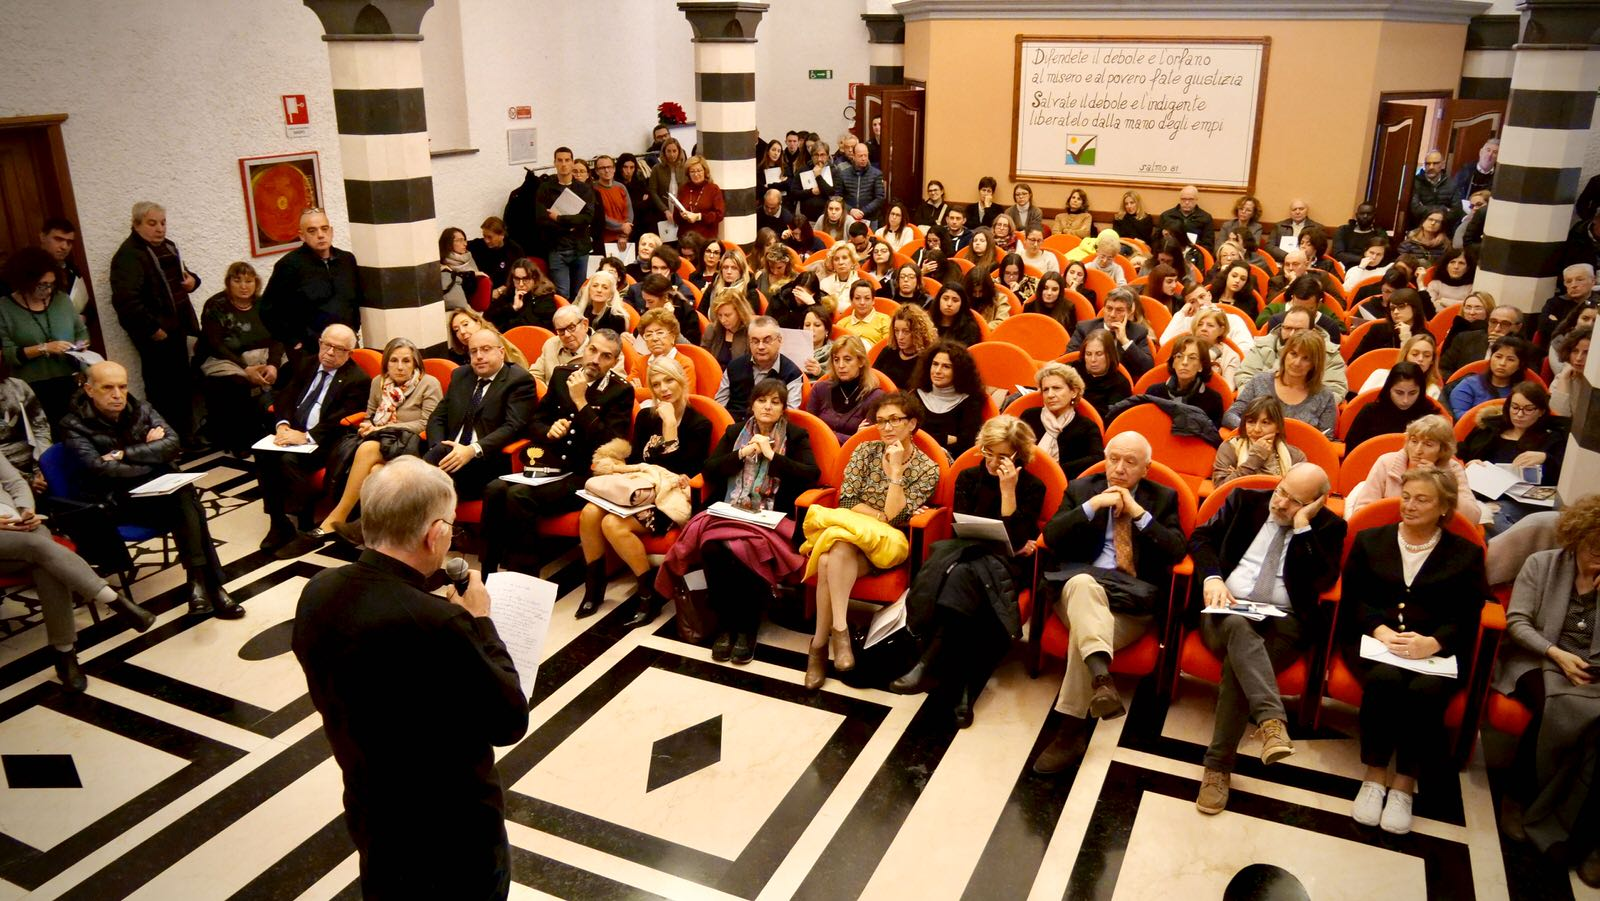 Convegno 20° anniversario Centro Benedetto Acquarone 2019.11.29 15